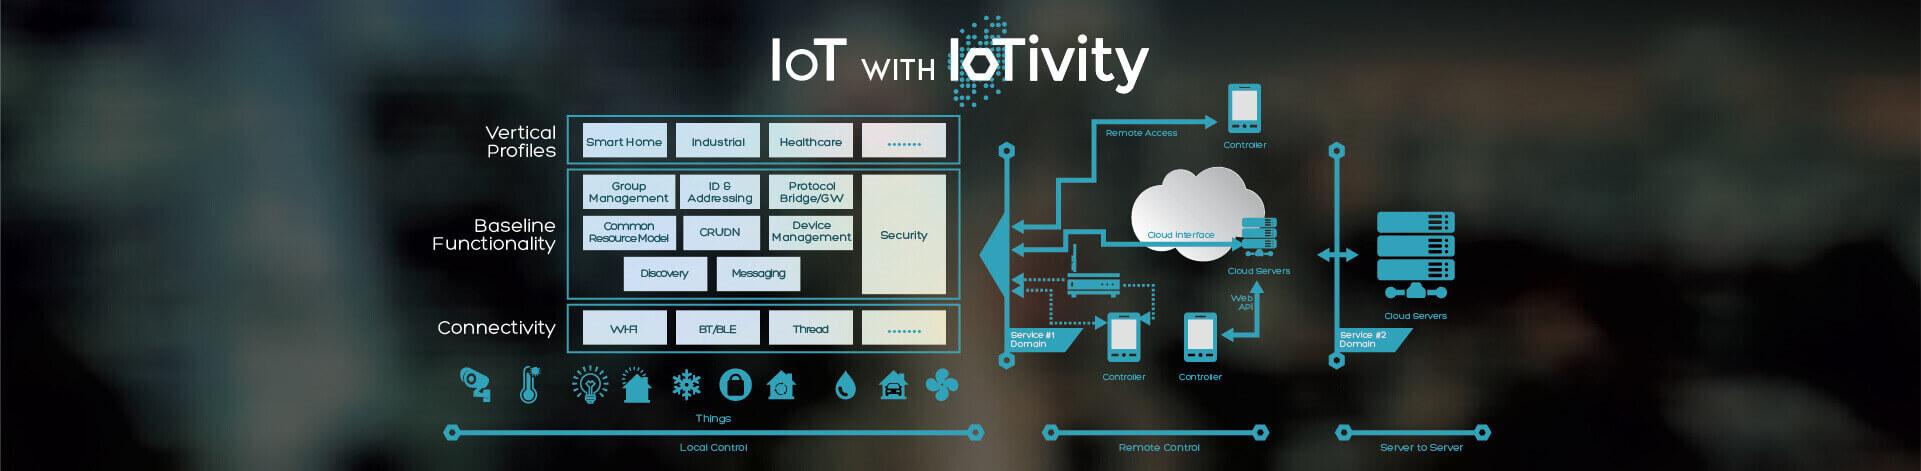 IoT with IoTivity